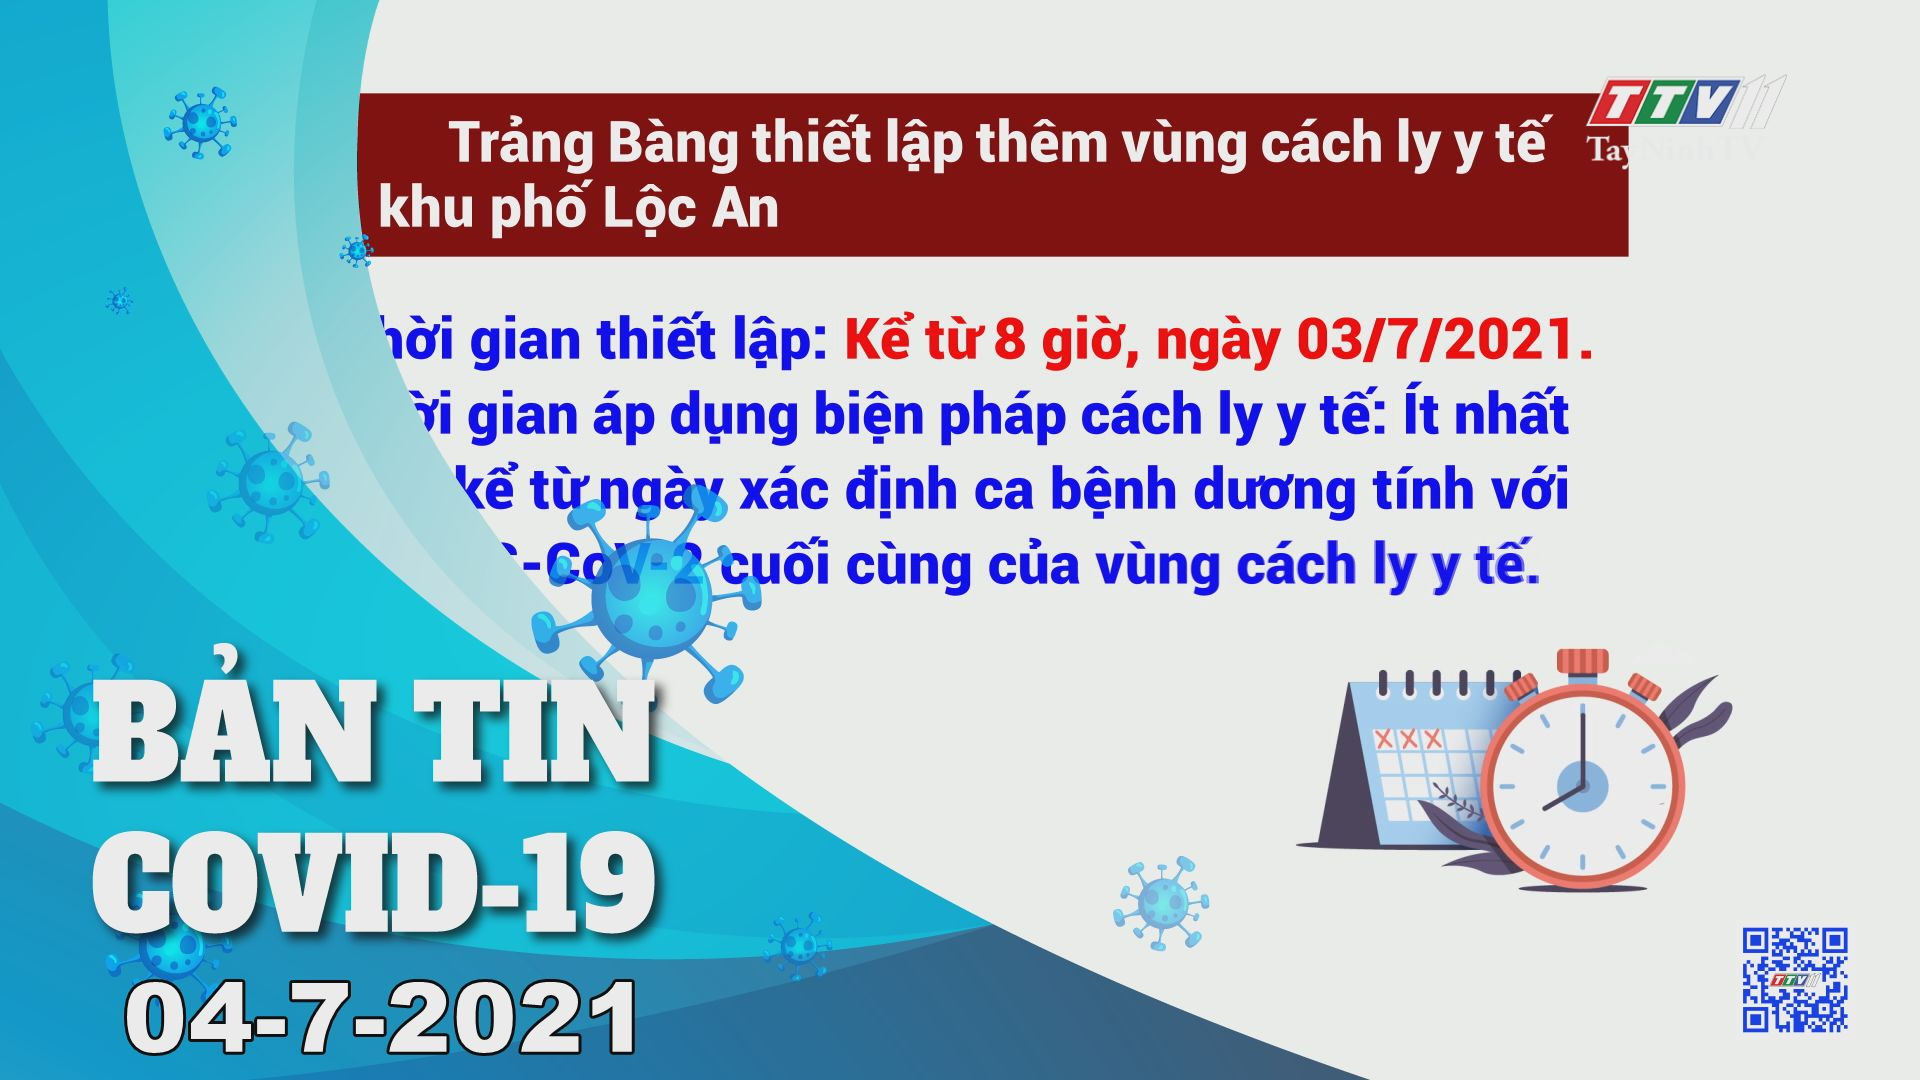 Bản tin Covid-19   Tin tức hôm nay 04-7-2021   TâyNinhTV